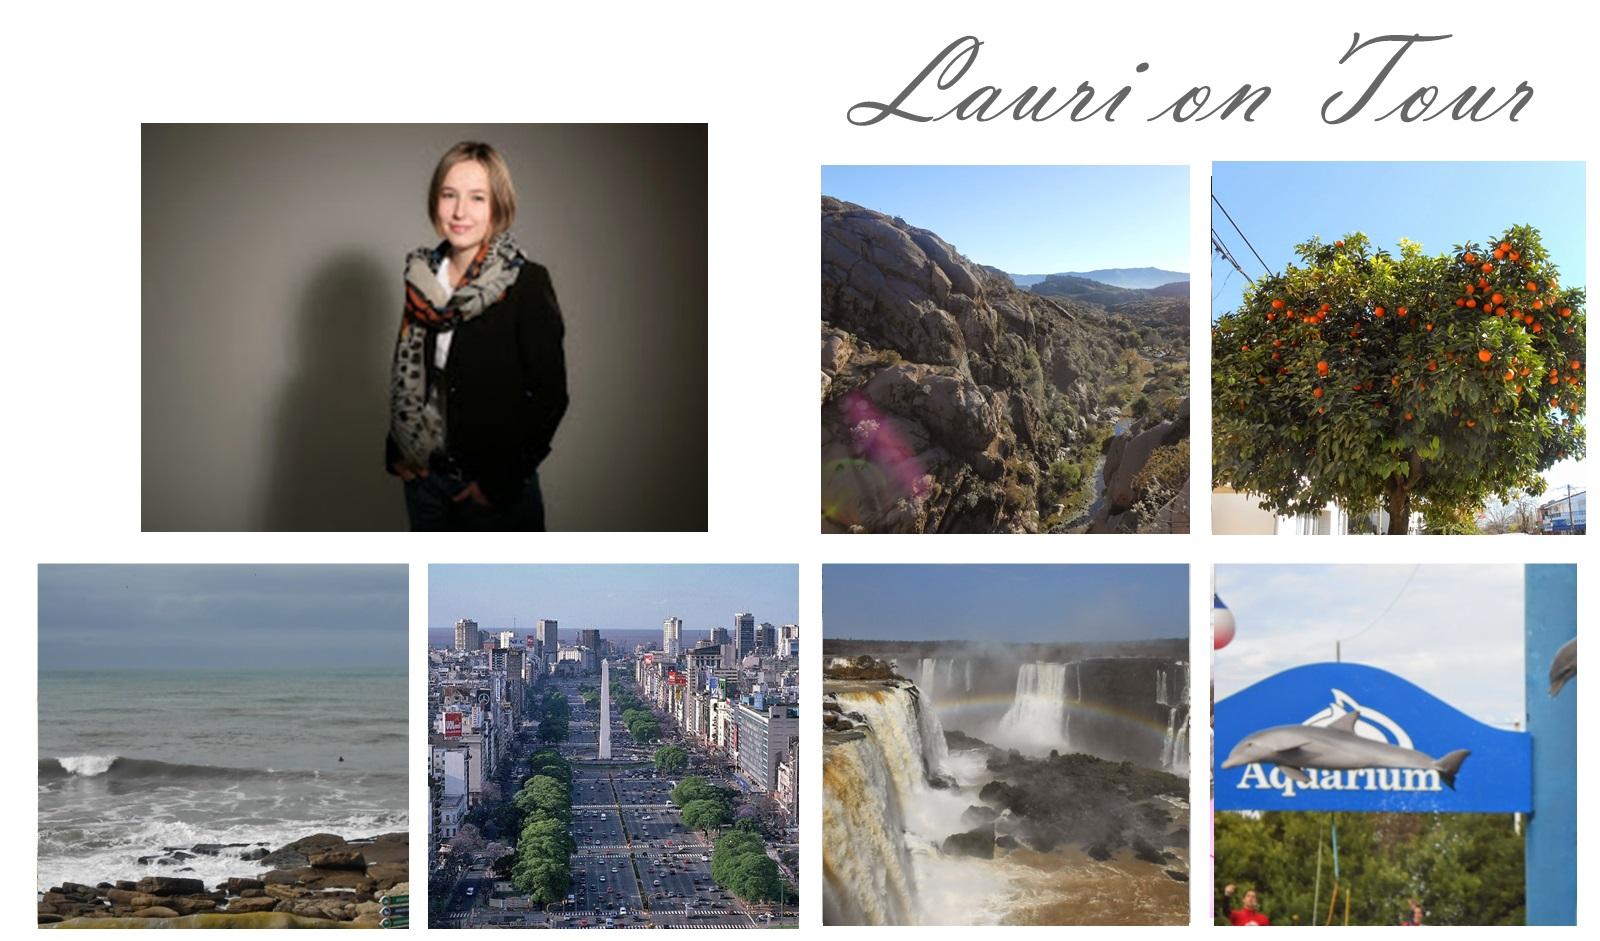 http://lauriontour.blogspot.de/